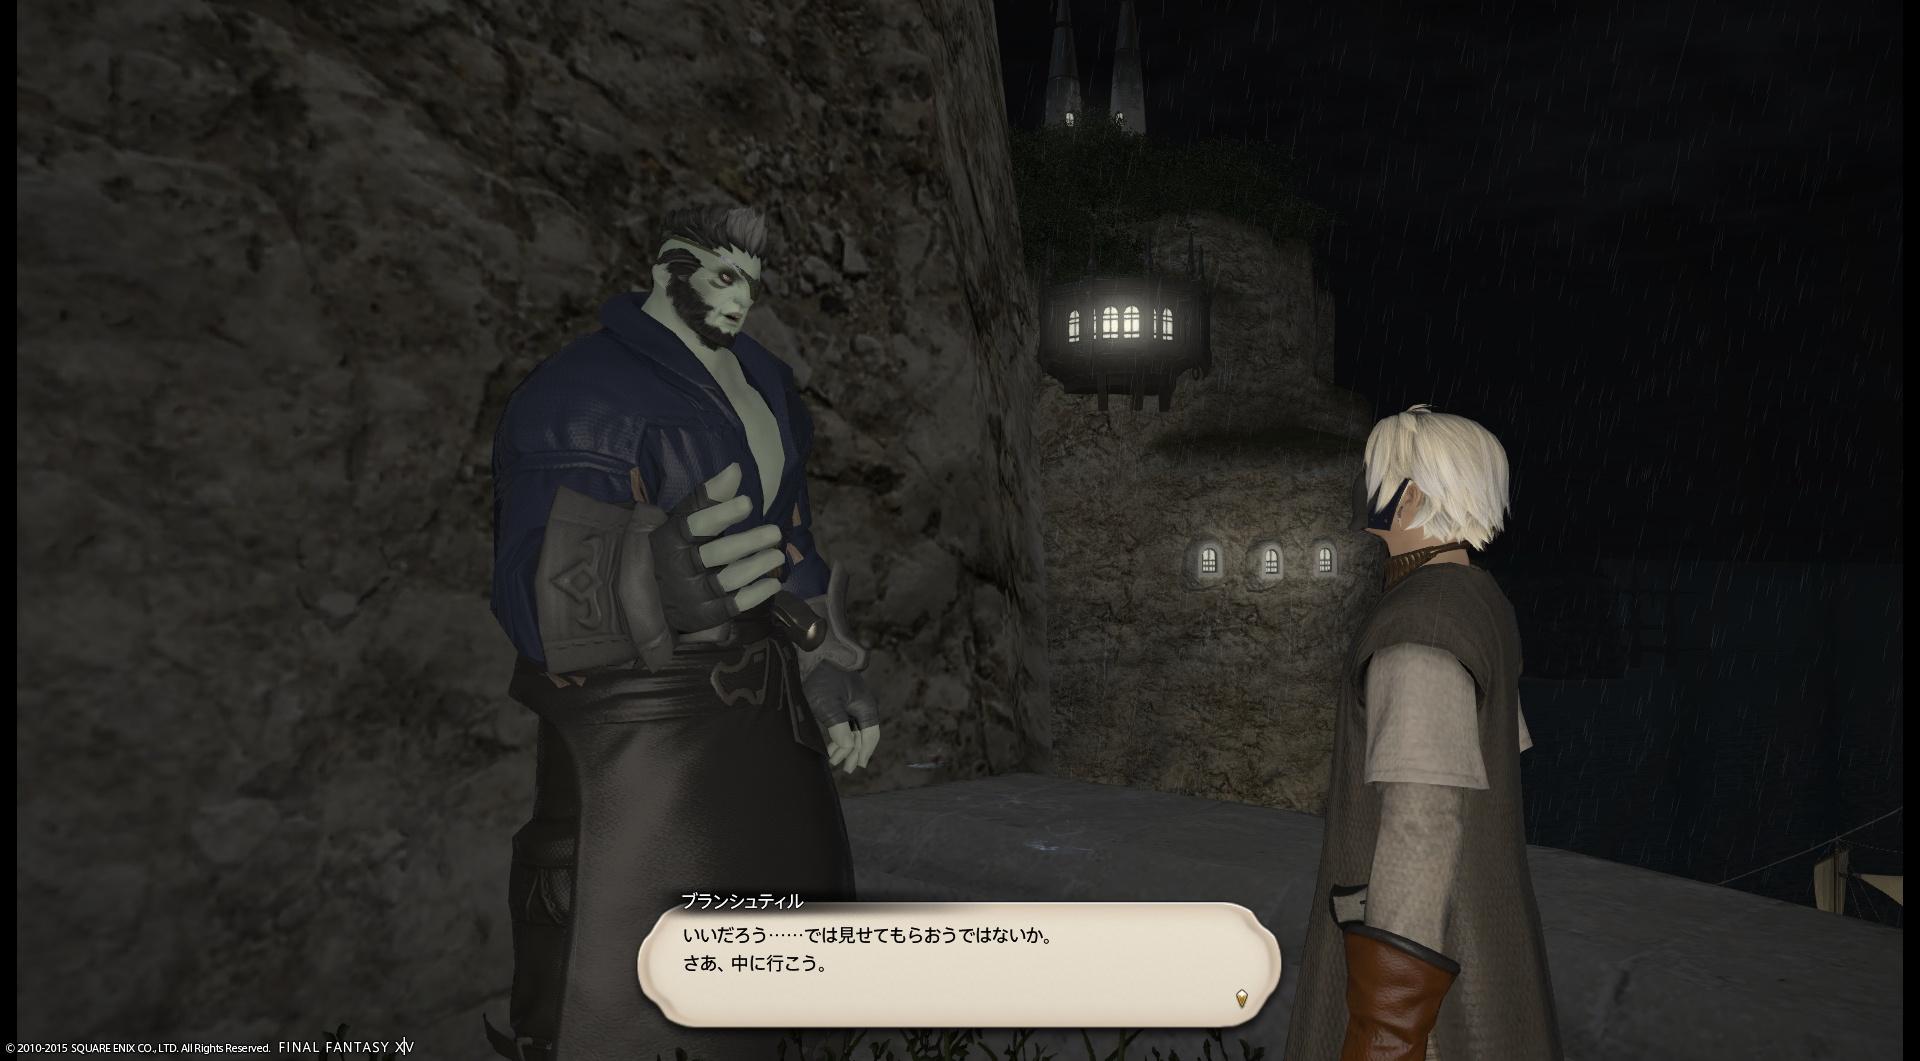 ブランシュティル : いいだろう……では見せてもらおうではないか。 さあ、中に行こう。